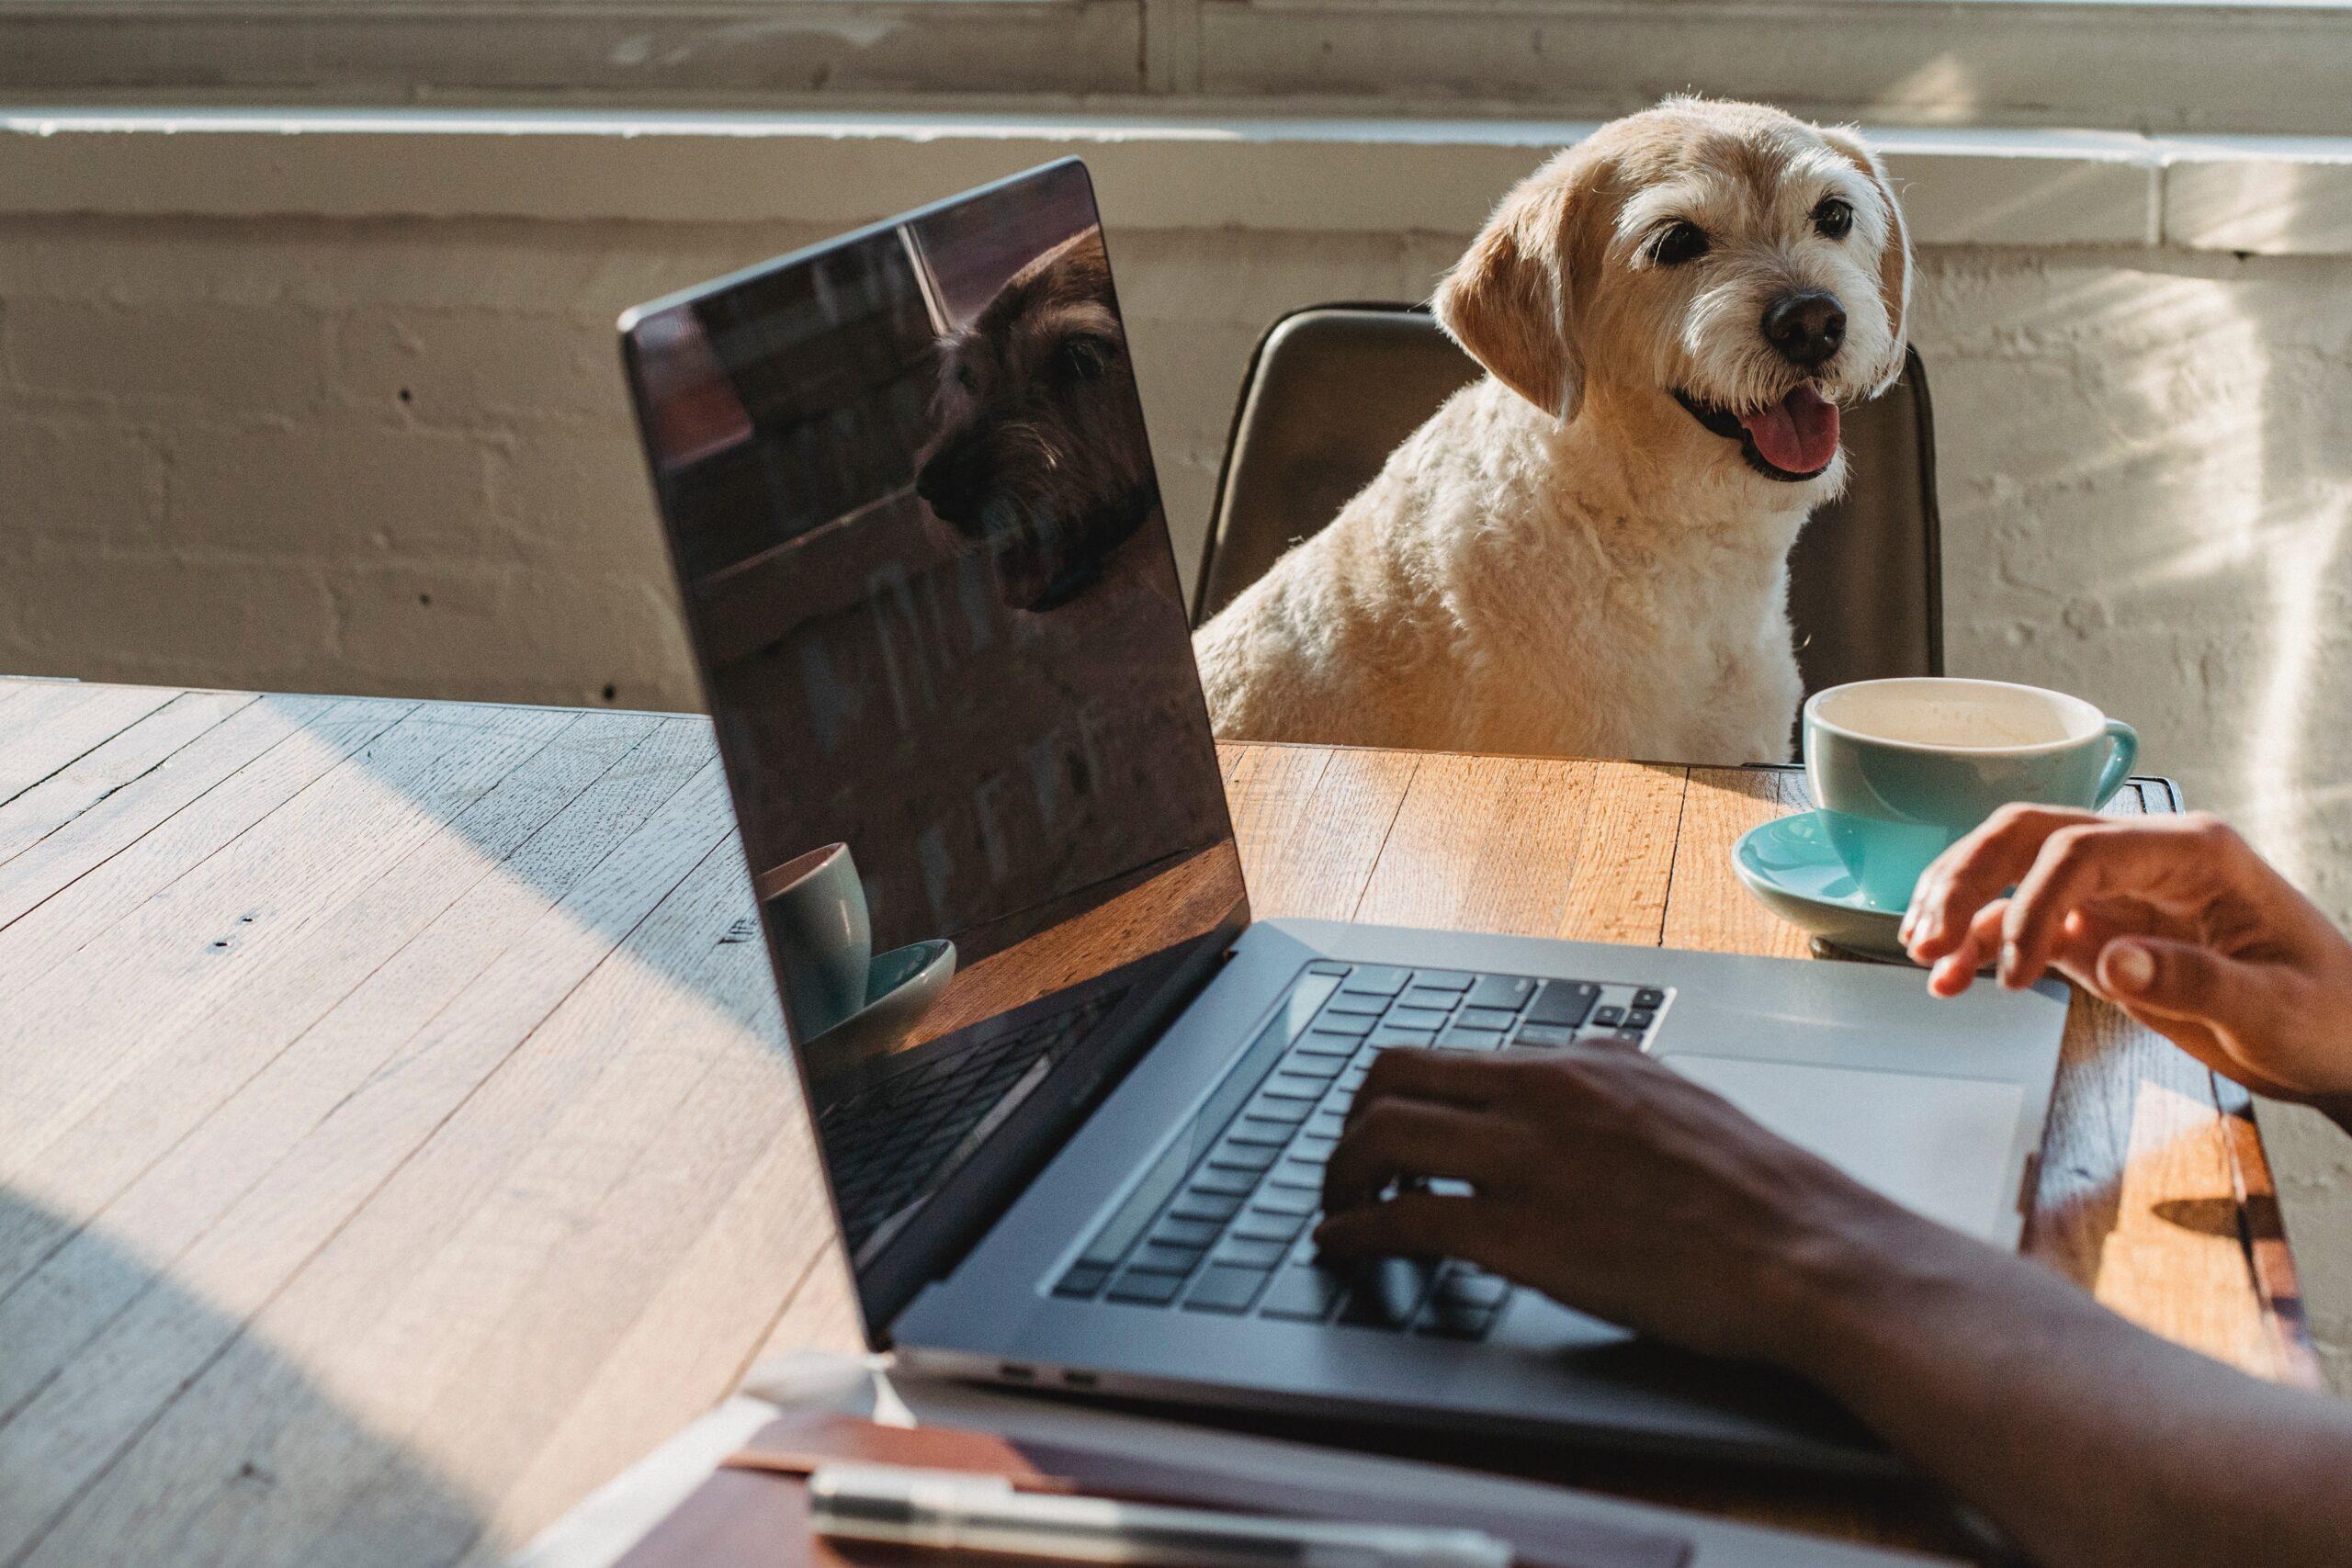 praca przez internet zdalnie w domu